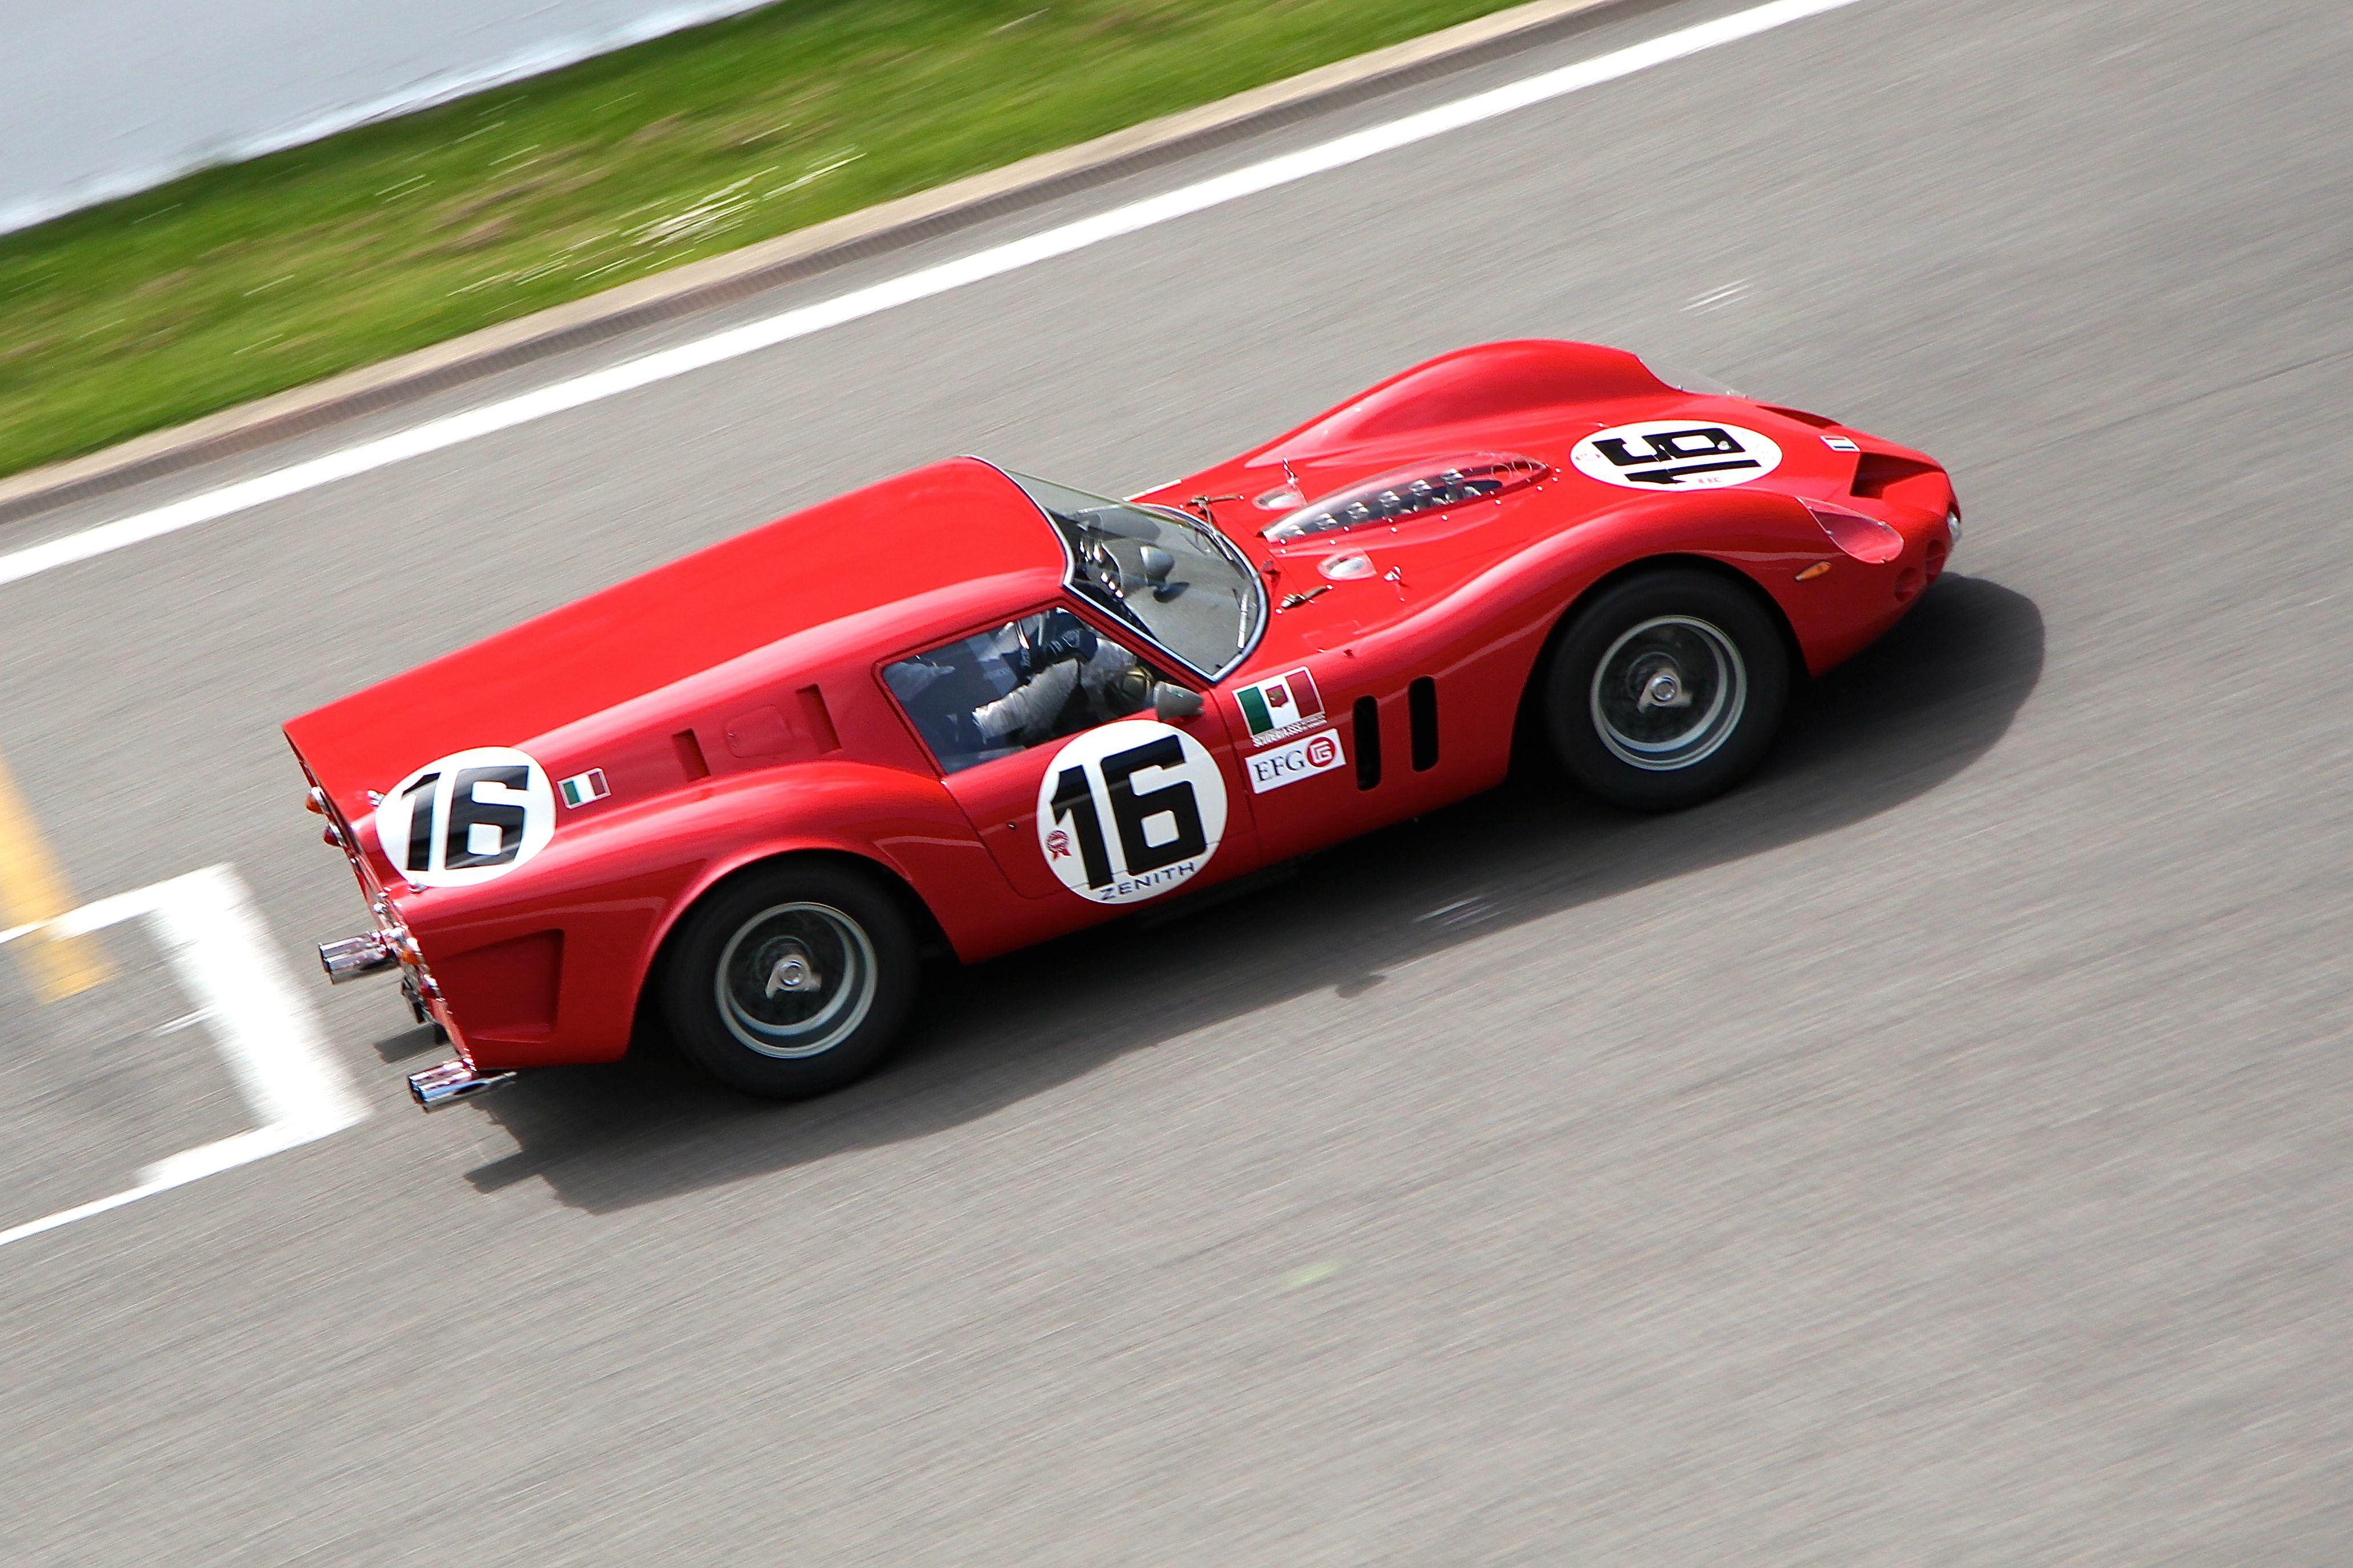 1962 Ferrari 250 GT Breadvan - Spa-Classic 2015 - Photographie Ludo